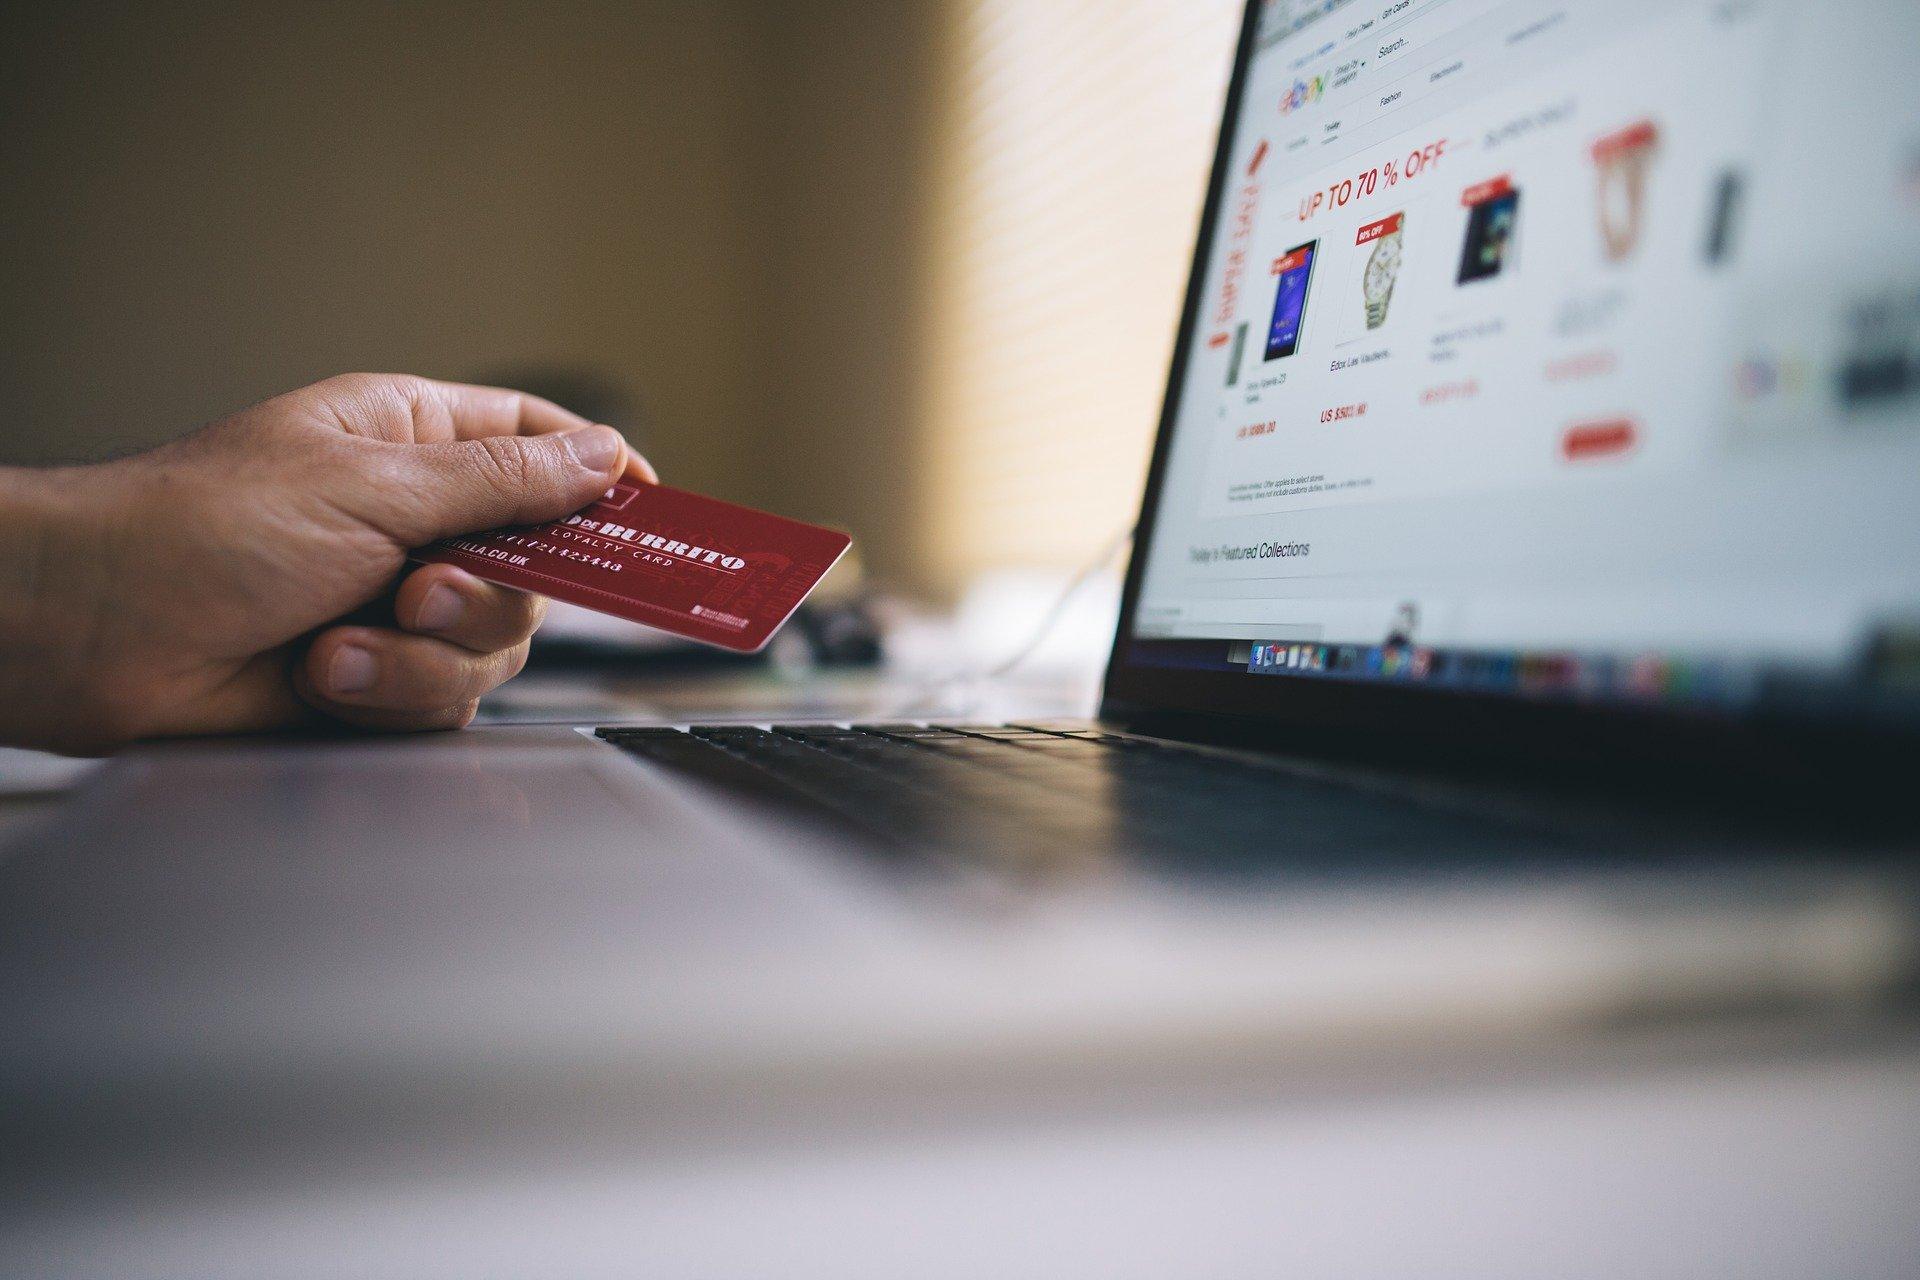 Opencart İle E-Ticaret Sitesi Açmanın Avantajları ve Dezavantajları